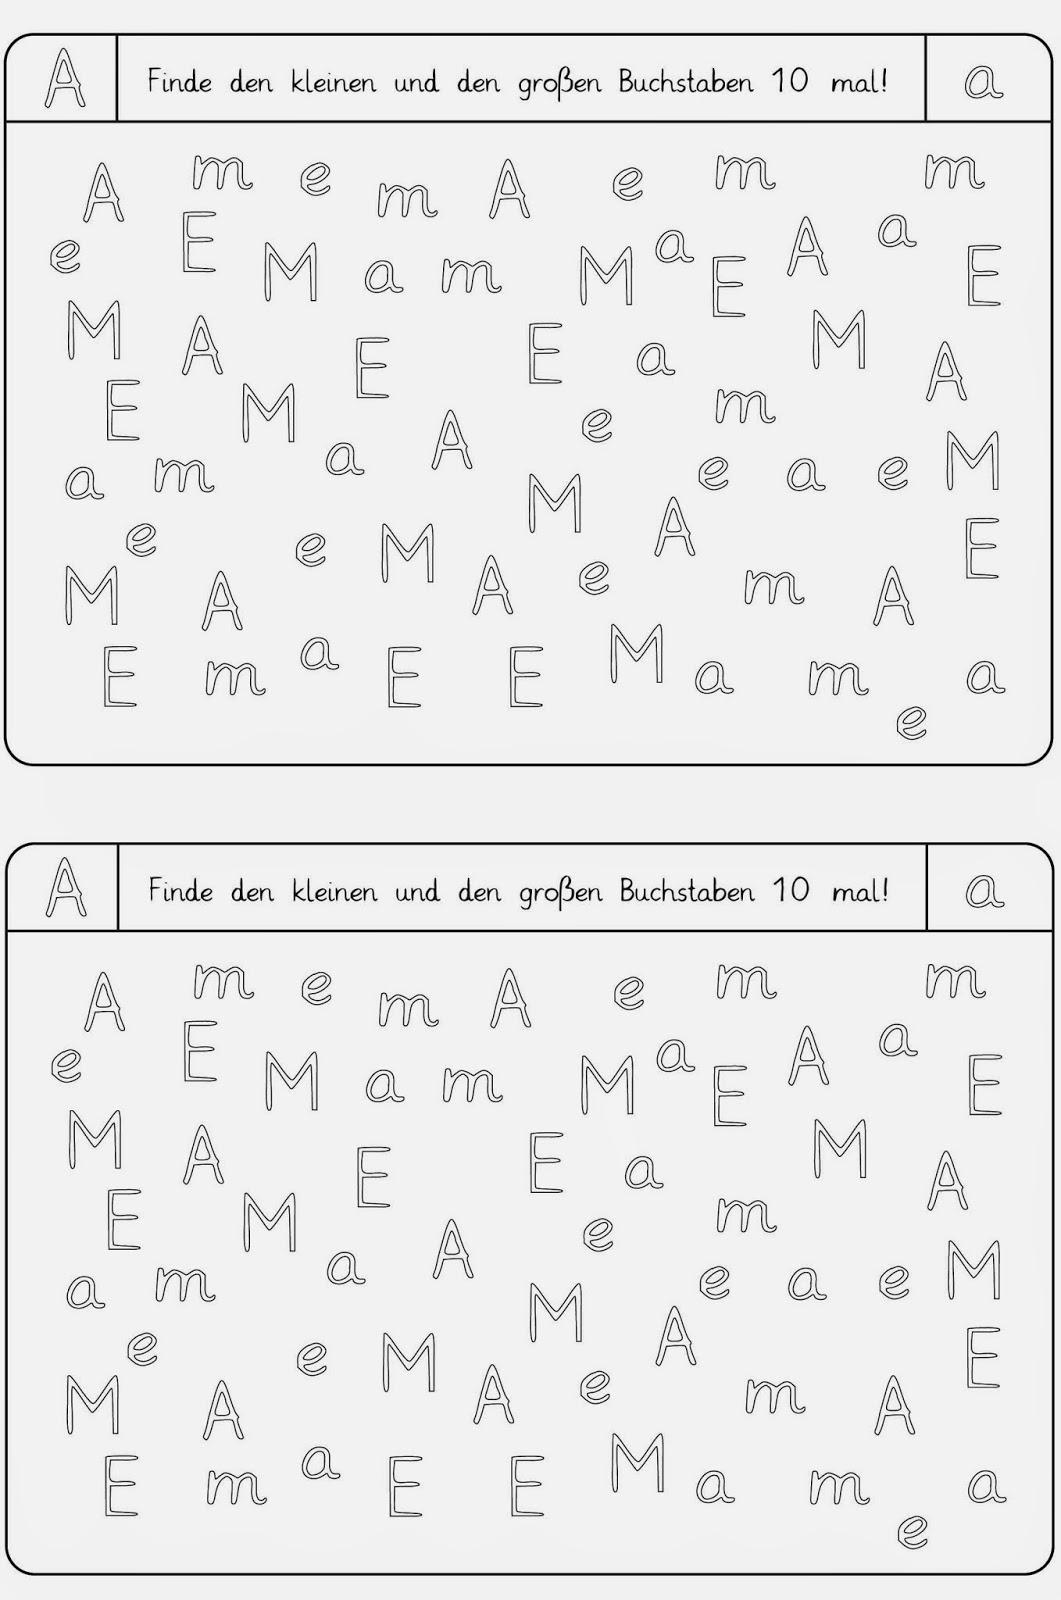 Lernstübchen: Arbeitsblätter zum Erkennen der Buchstaben